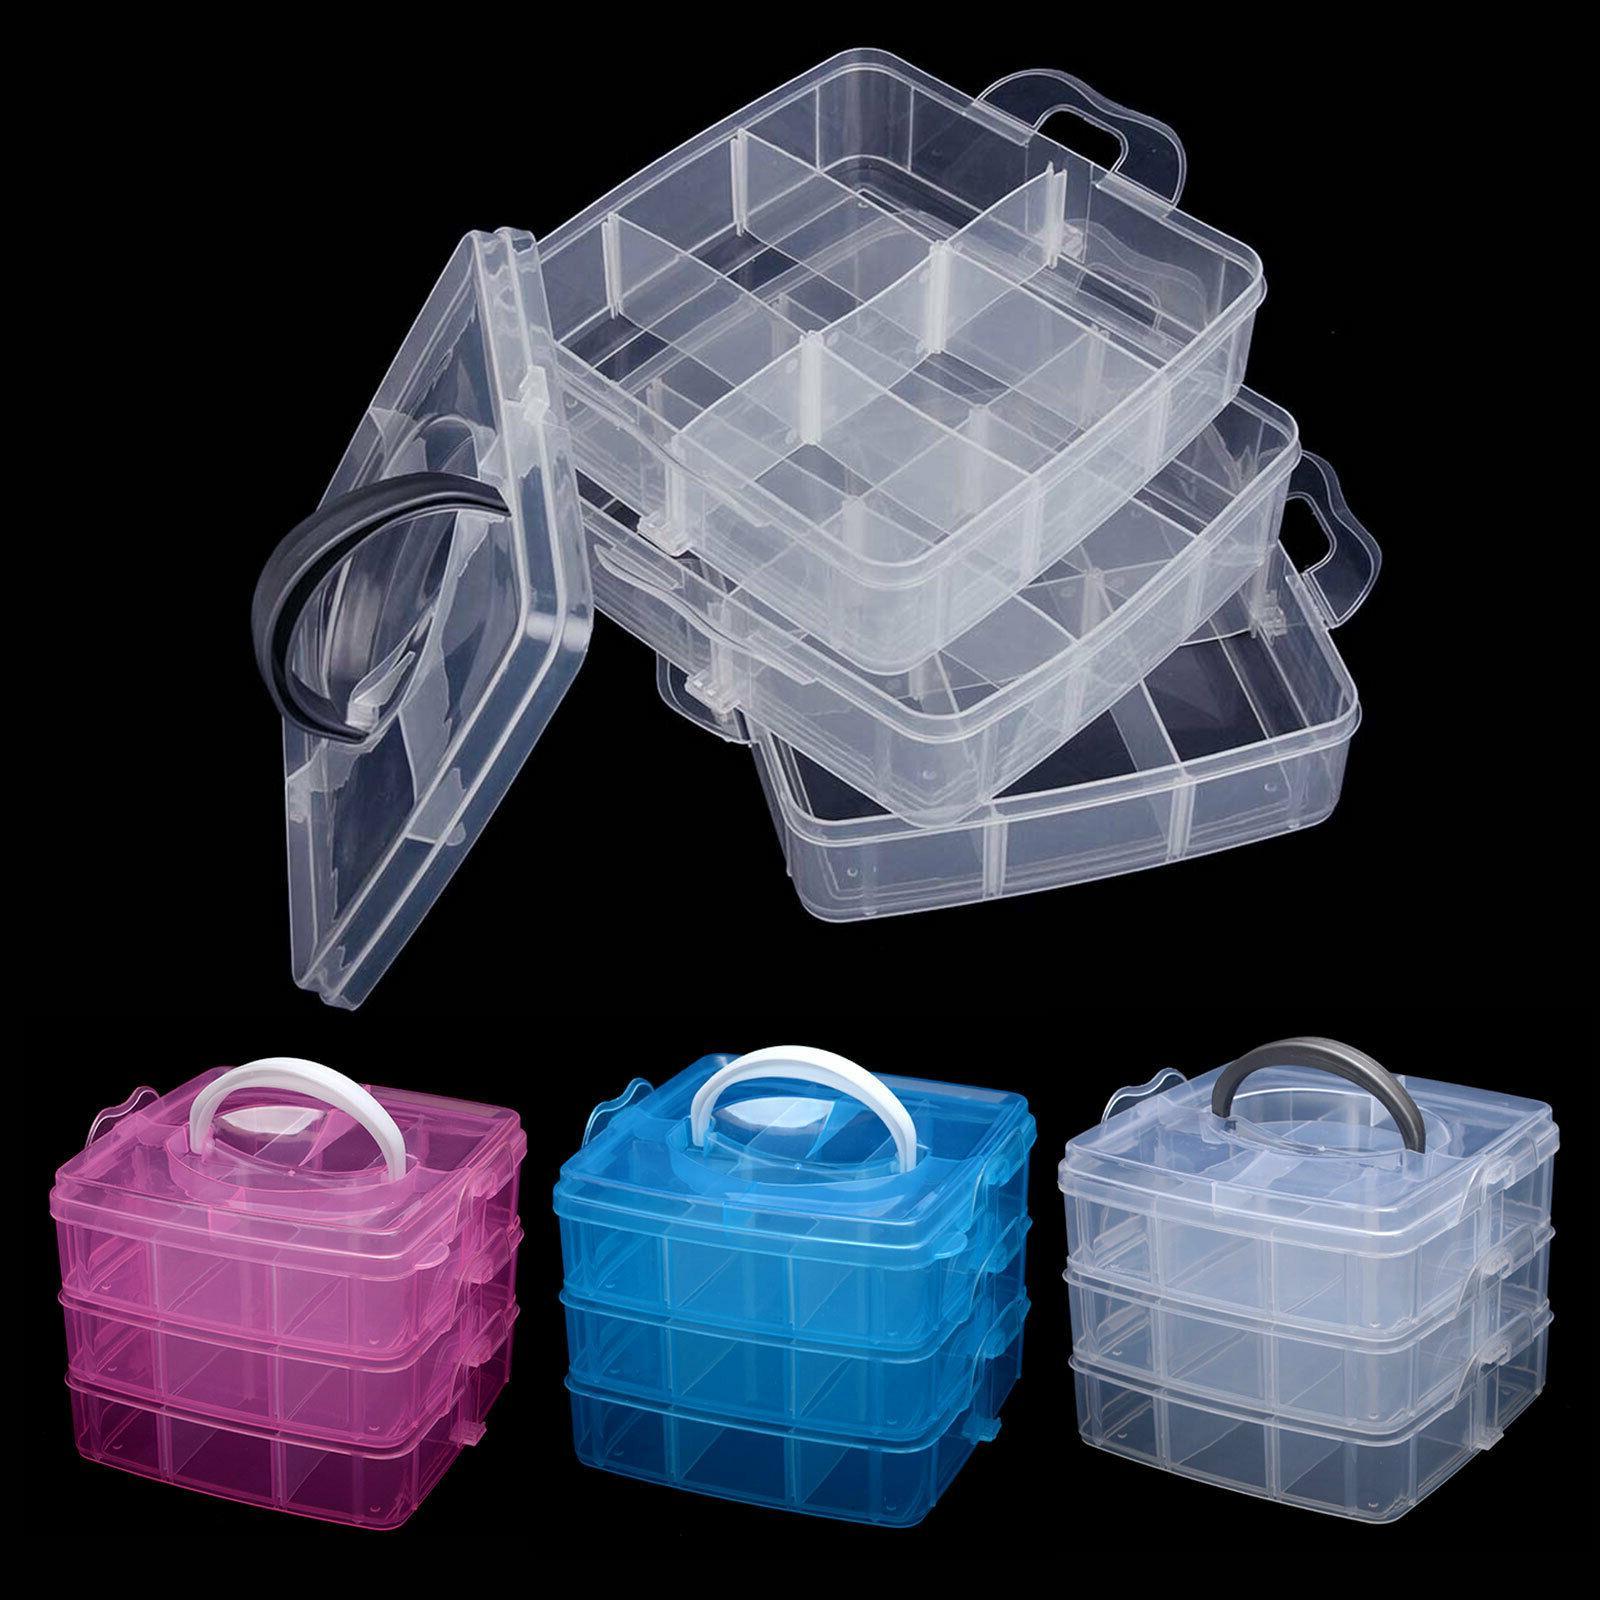 blue plastic screws jewelry beads storage box